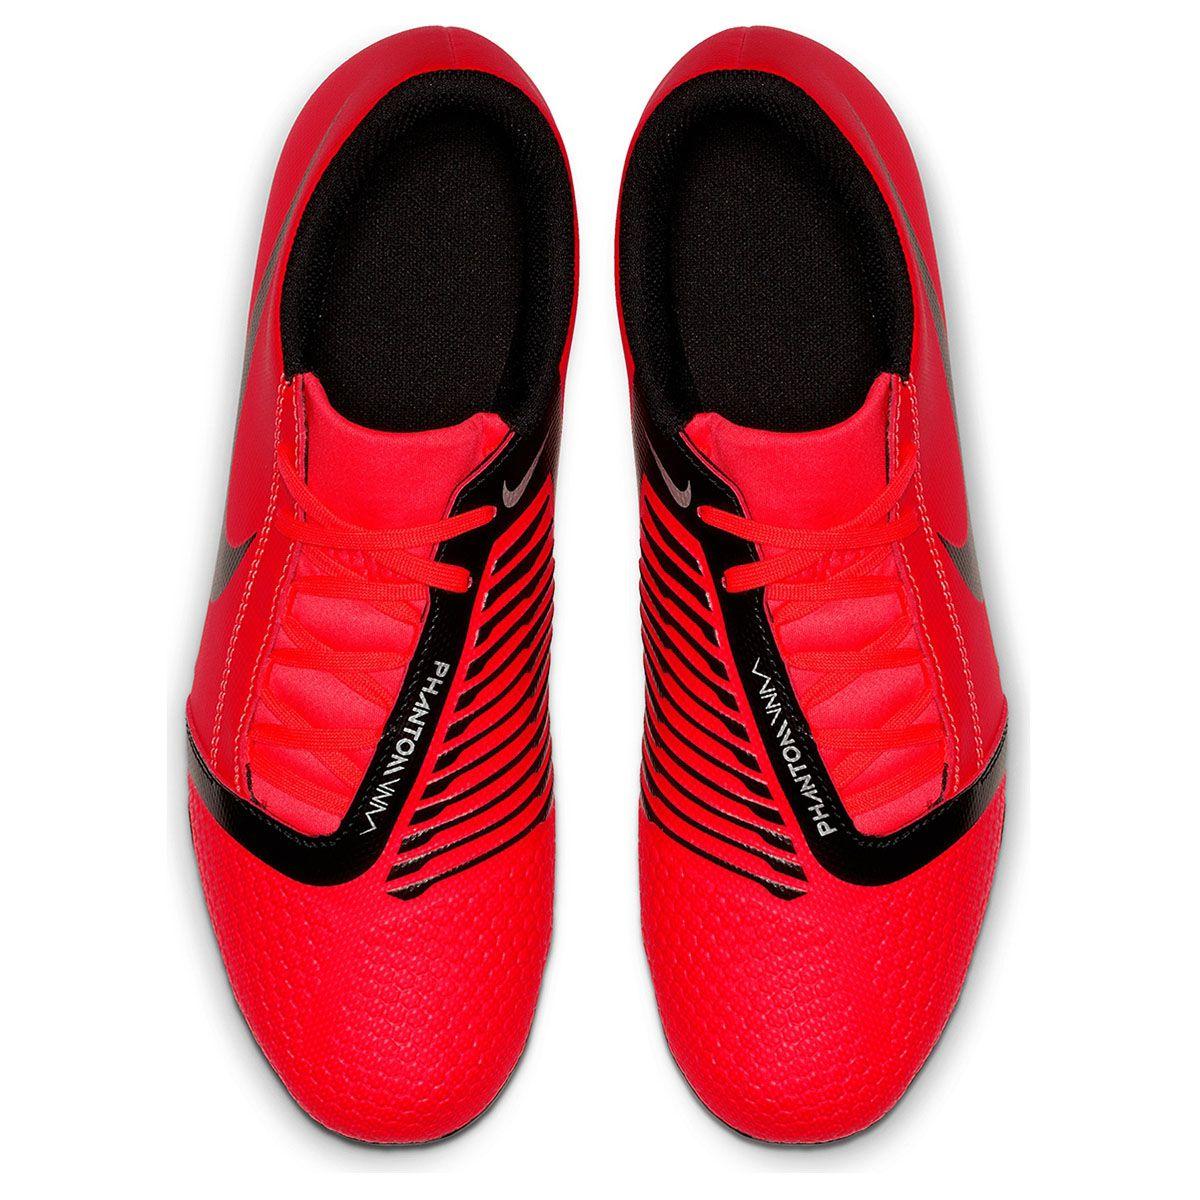 e3341e96a1 ... Chuteira Campo Nike Phantom Venom Club FG Masculina - Ducks Sports ...